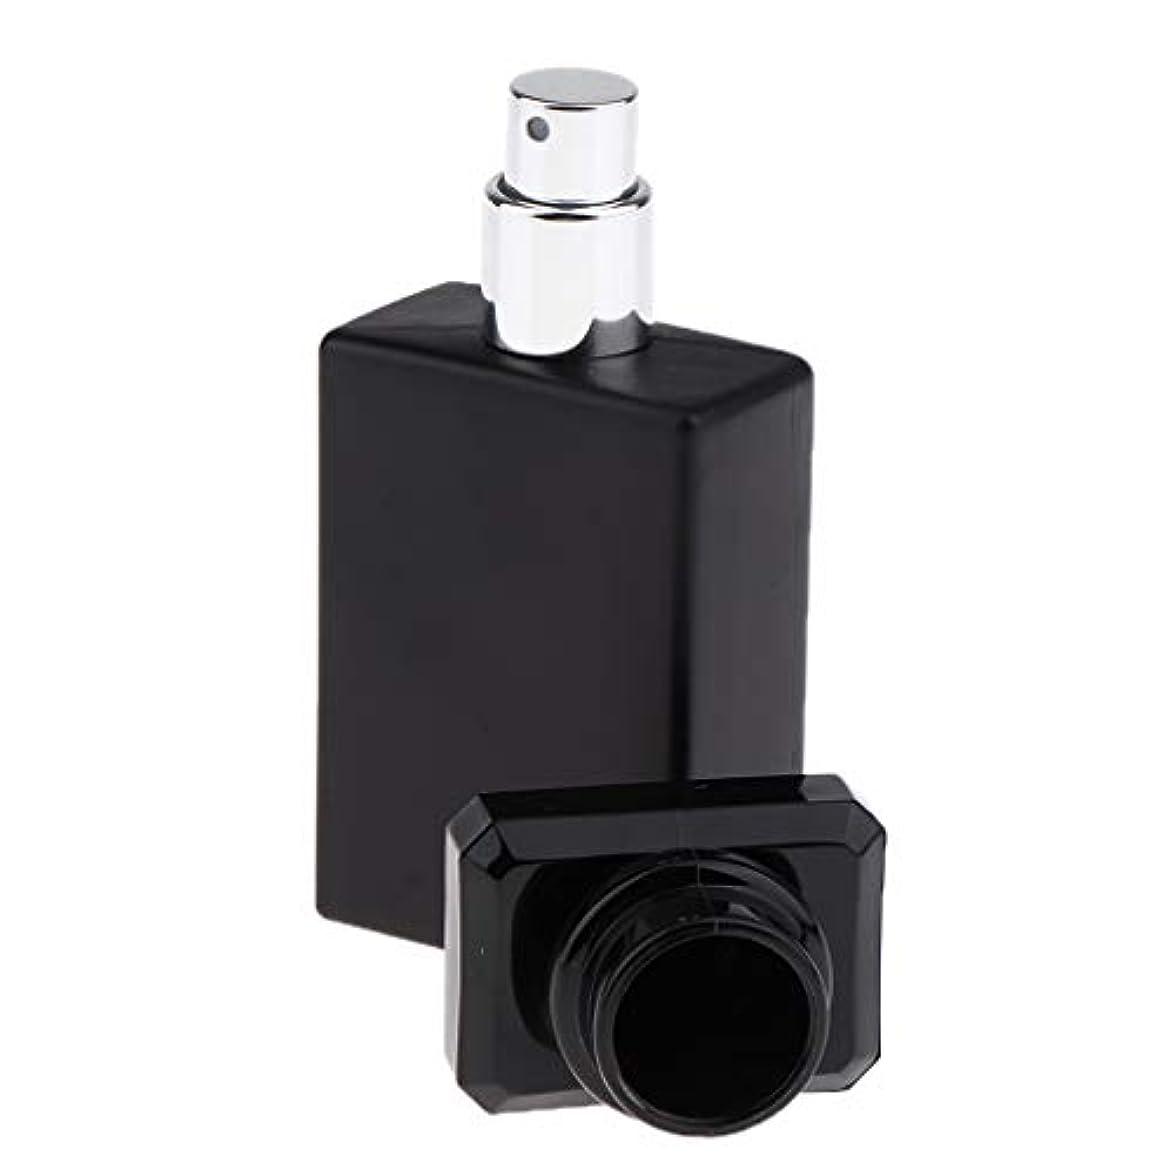 学者入植者反応するSM SunniMix 香水ガラス瓶 ガラスボトル 香水瓶 アトマイザー 空のボトル スプレーボトル 化粧品ボトル 全2色選ぶ - ブラック